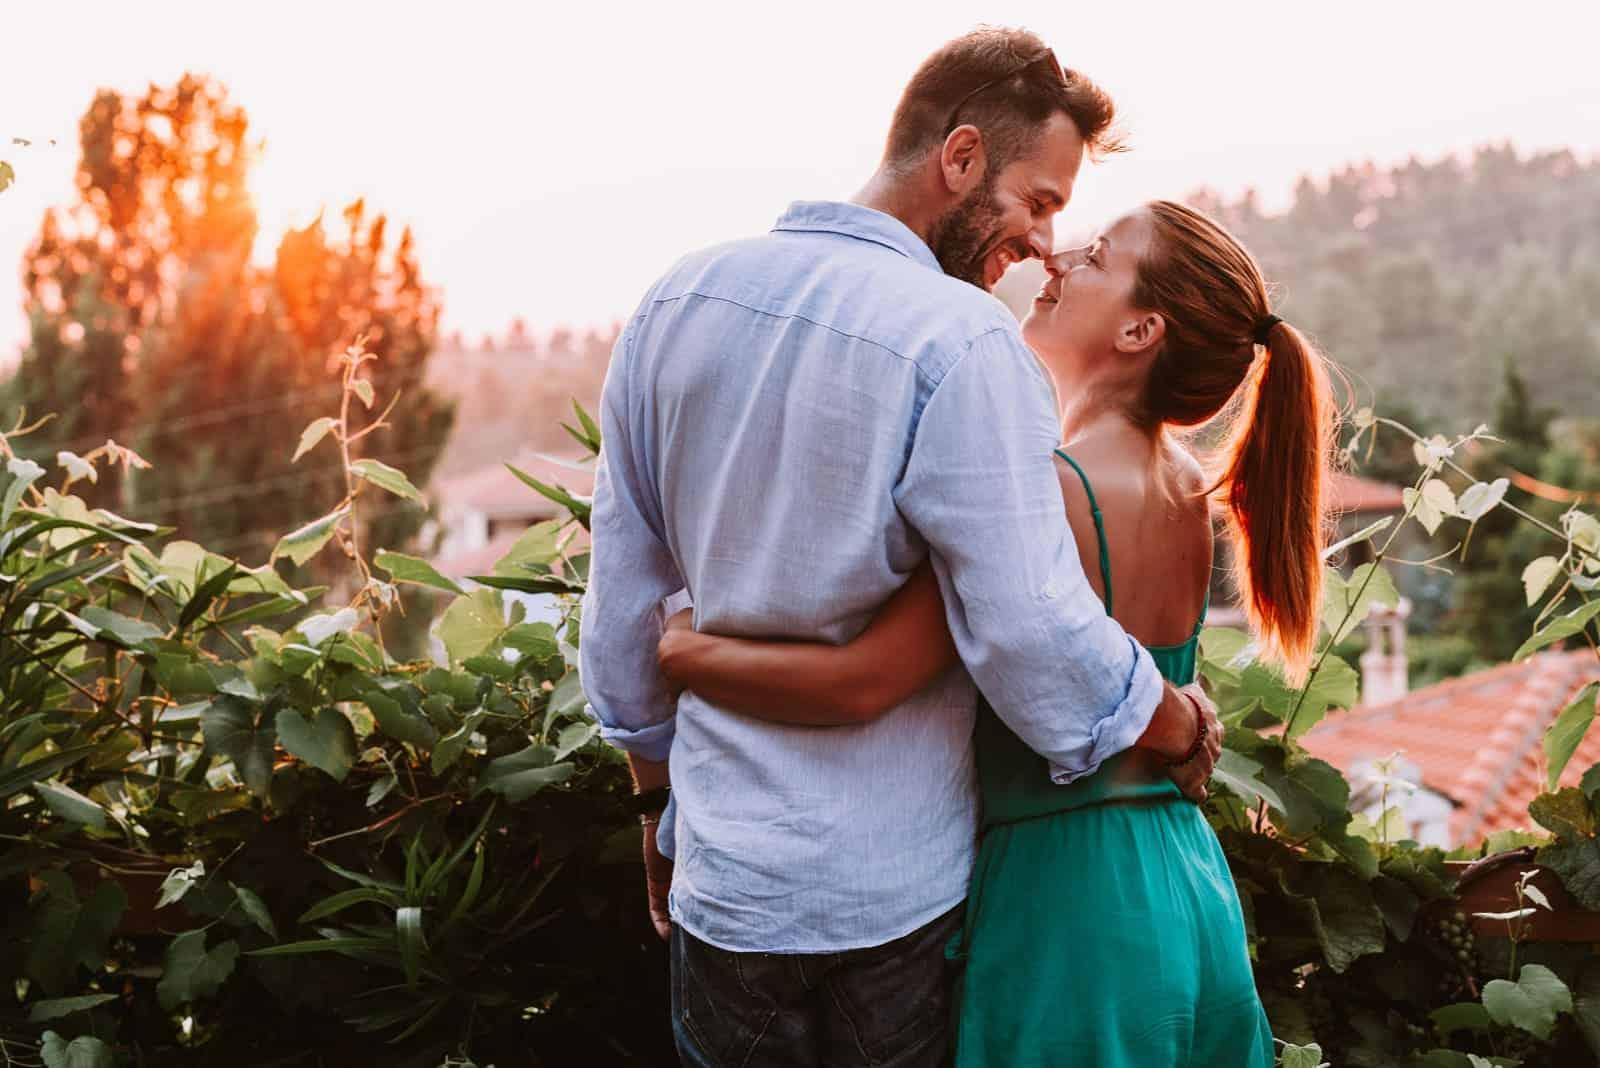 jeune couple amoureux se faisant des câlins en plein air